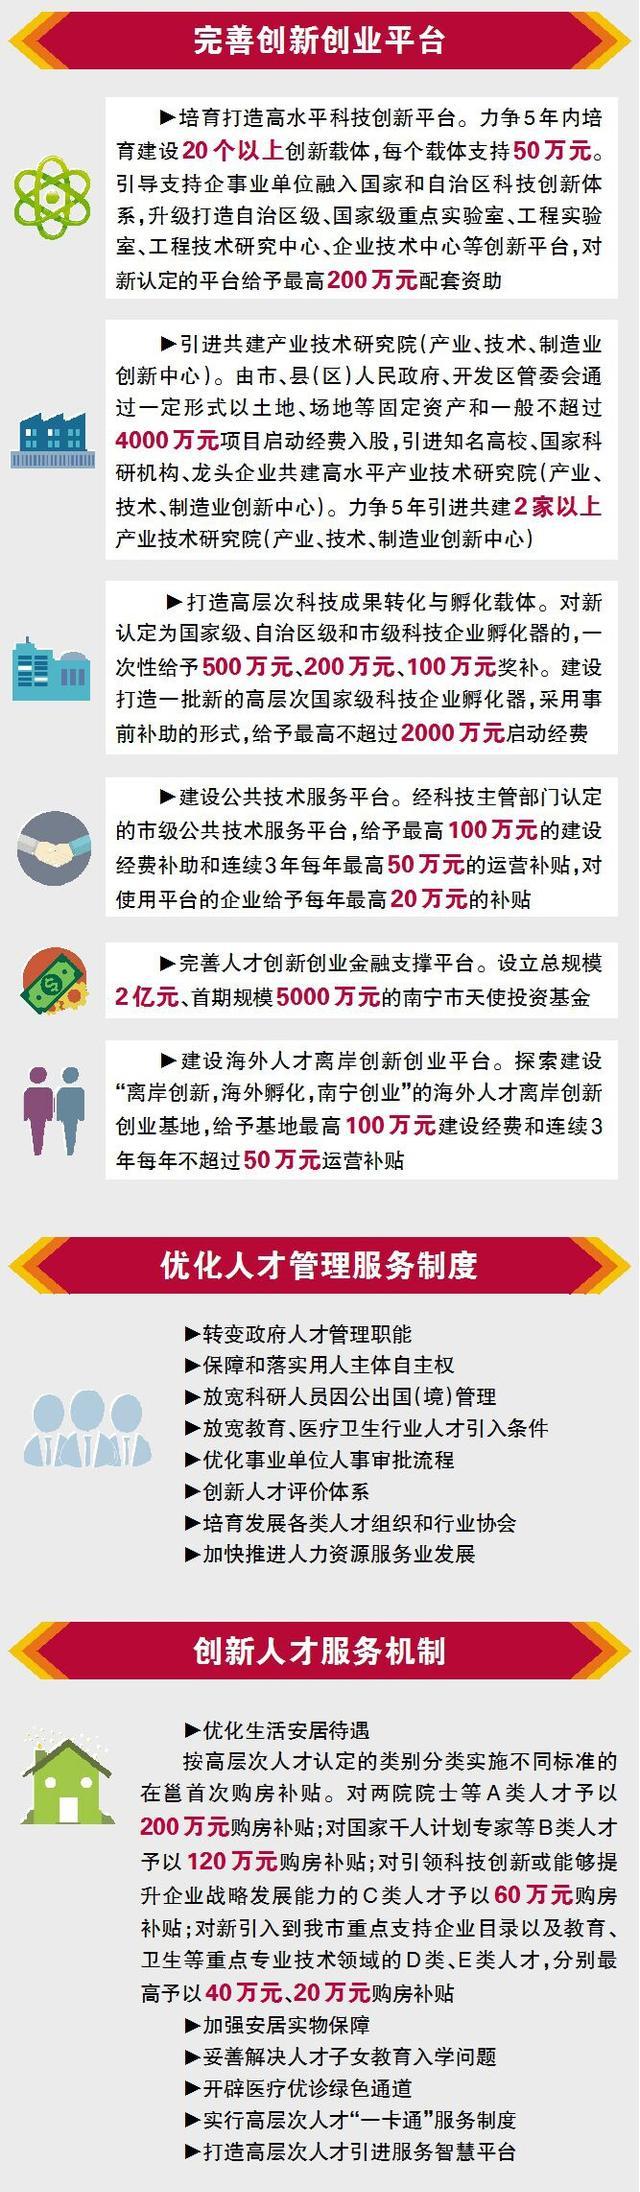 """南宁市深化人才发展体制机制改革行动计划及配套政策(以下简称""""1+6""""人才政策)出台的背景、主要内容,重点亮点举措及政策特点。来源:南宁日报"""